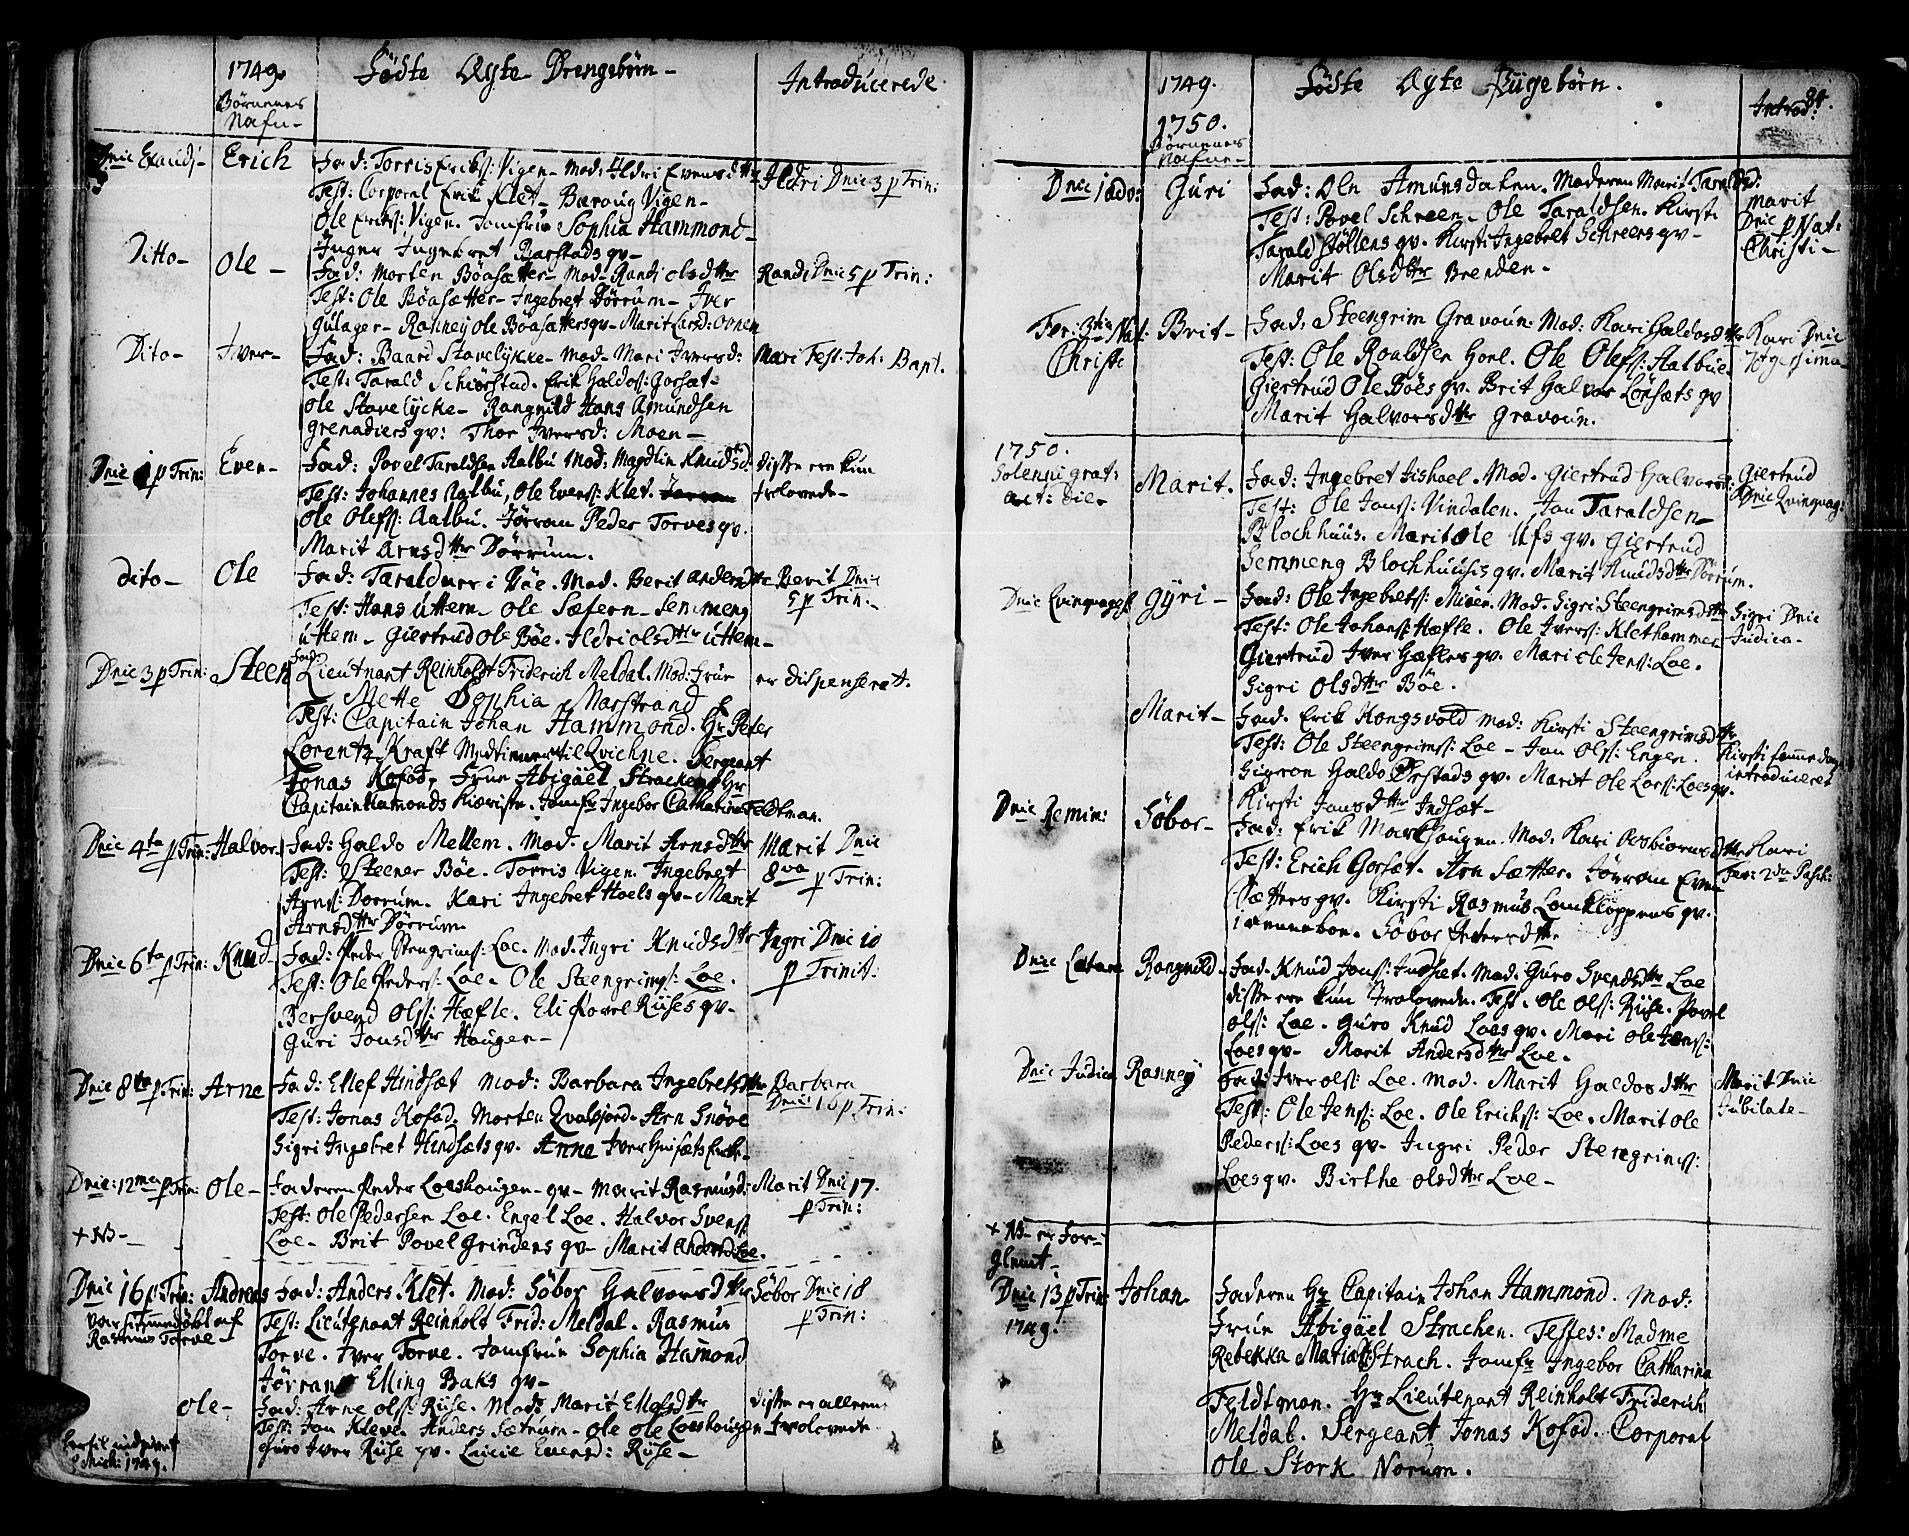 SAT, Ministerialprotokoller, klokkerbøker og fødselsregistre - Sør-Trøndelag, 678/L0891: Ministerialbok nr. 678A01, 1739-1780, s. 84